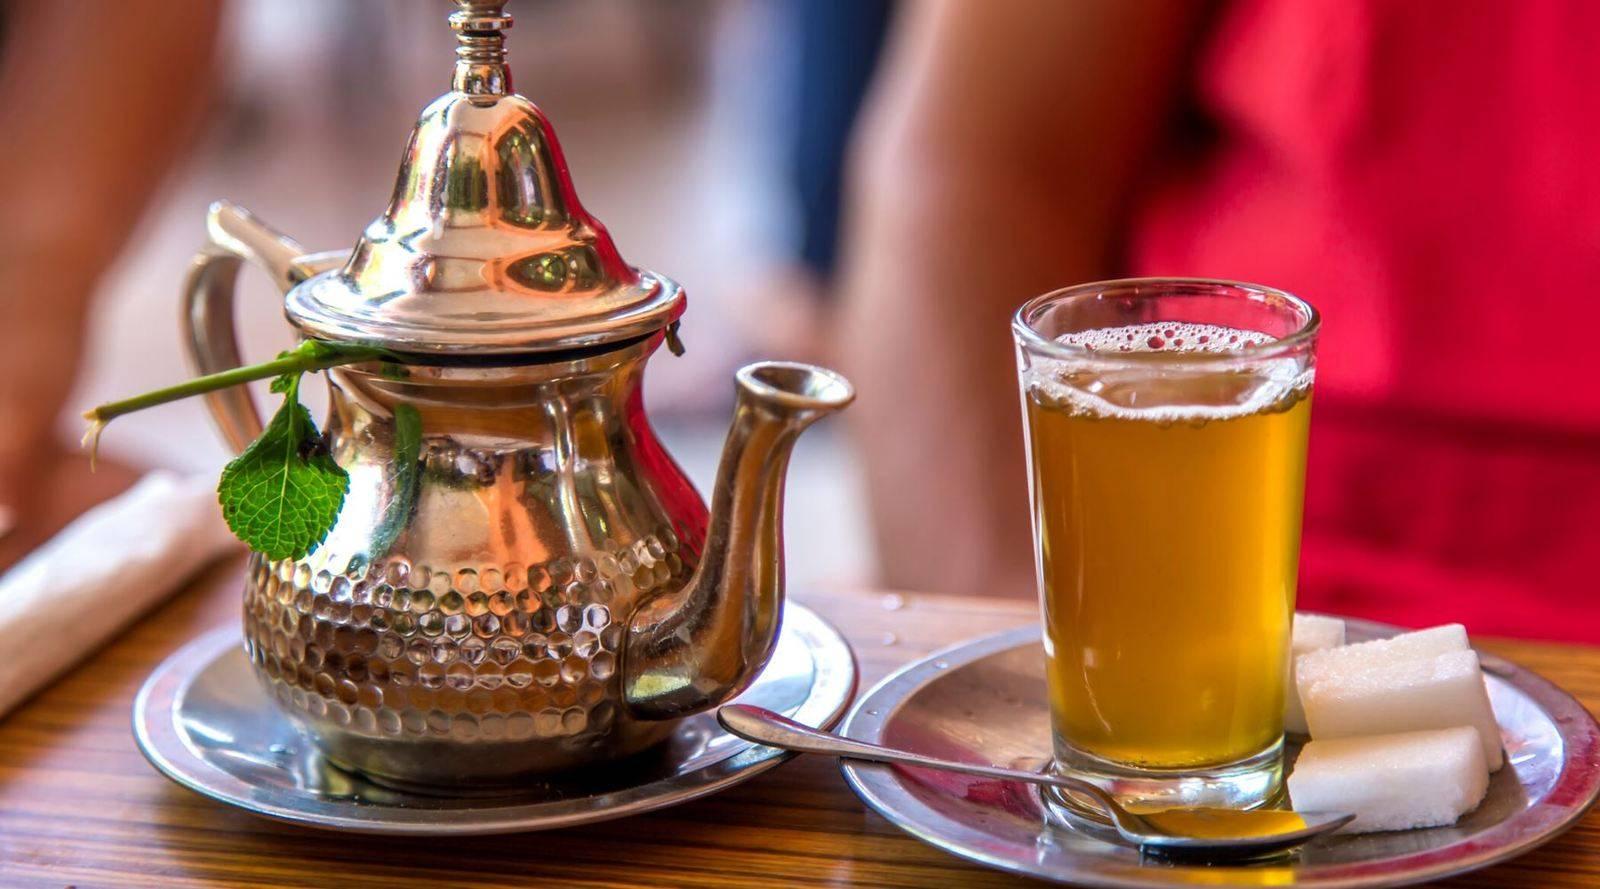 Как приготовить марокканский чай: 7 рецептов, состав, полезные свойства